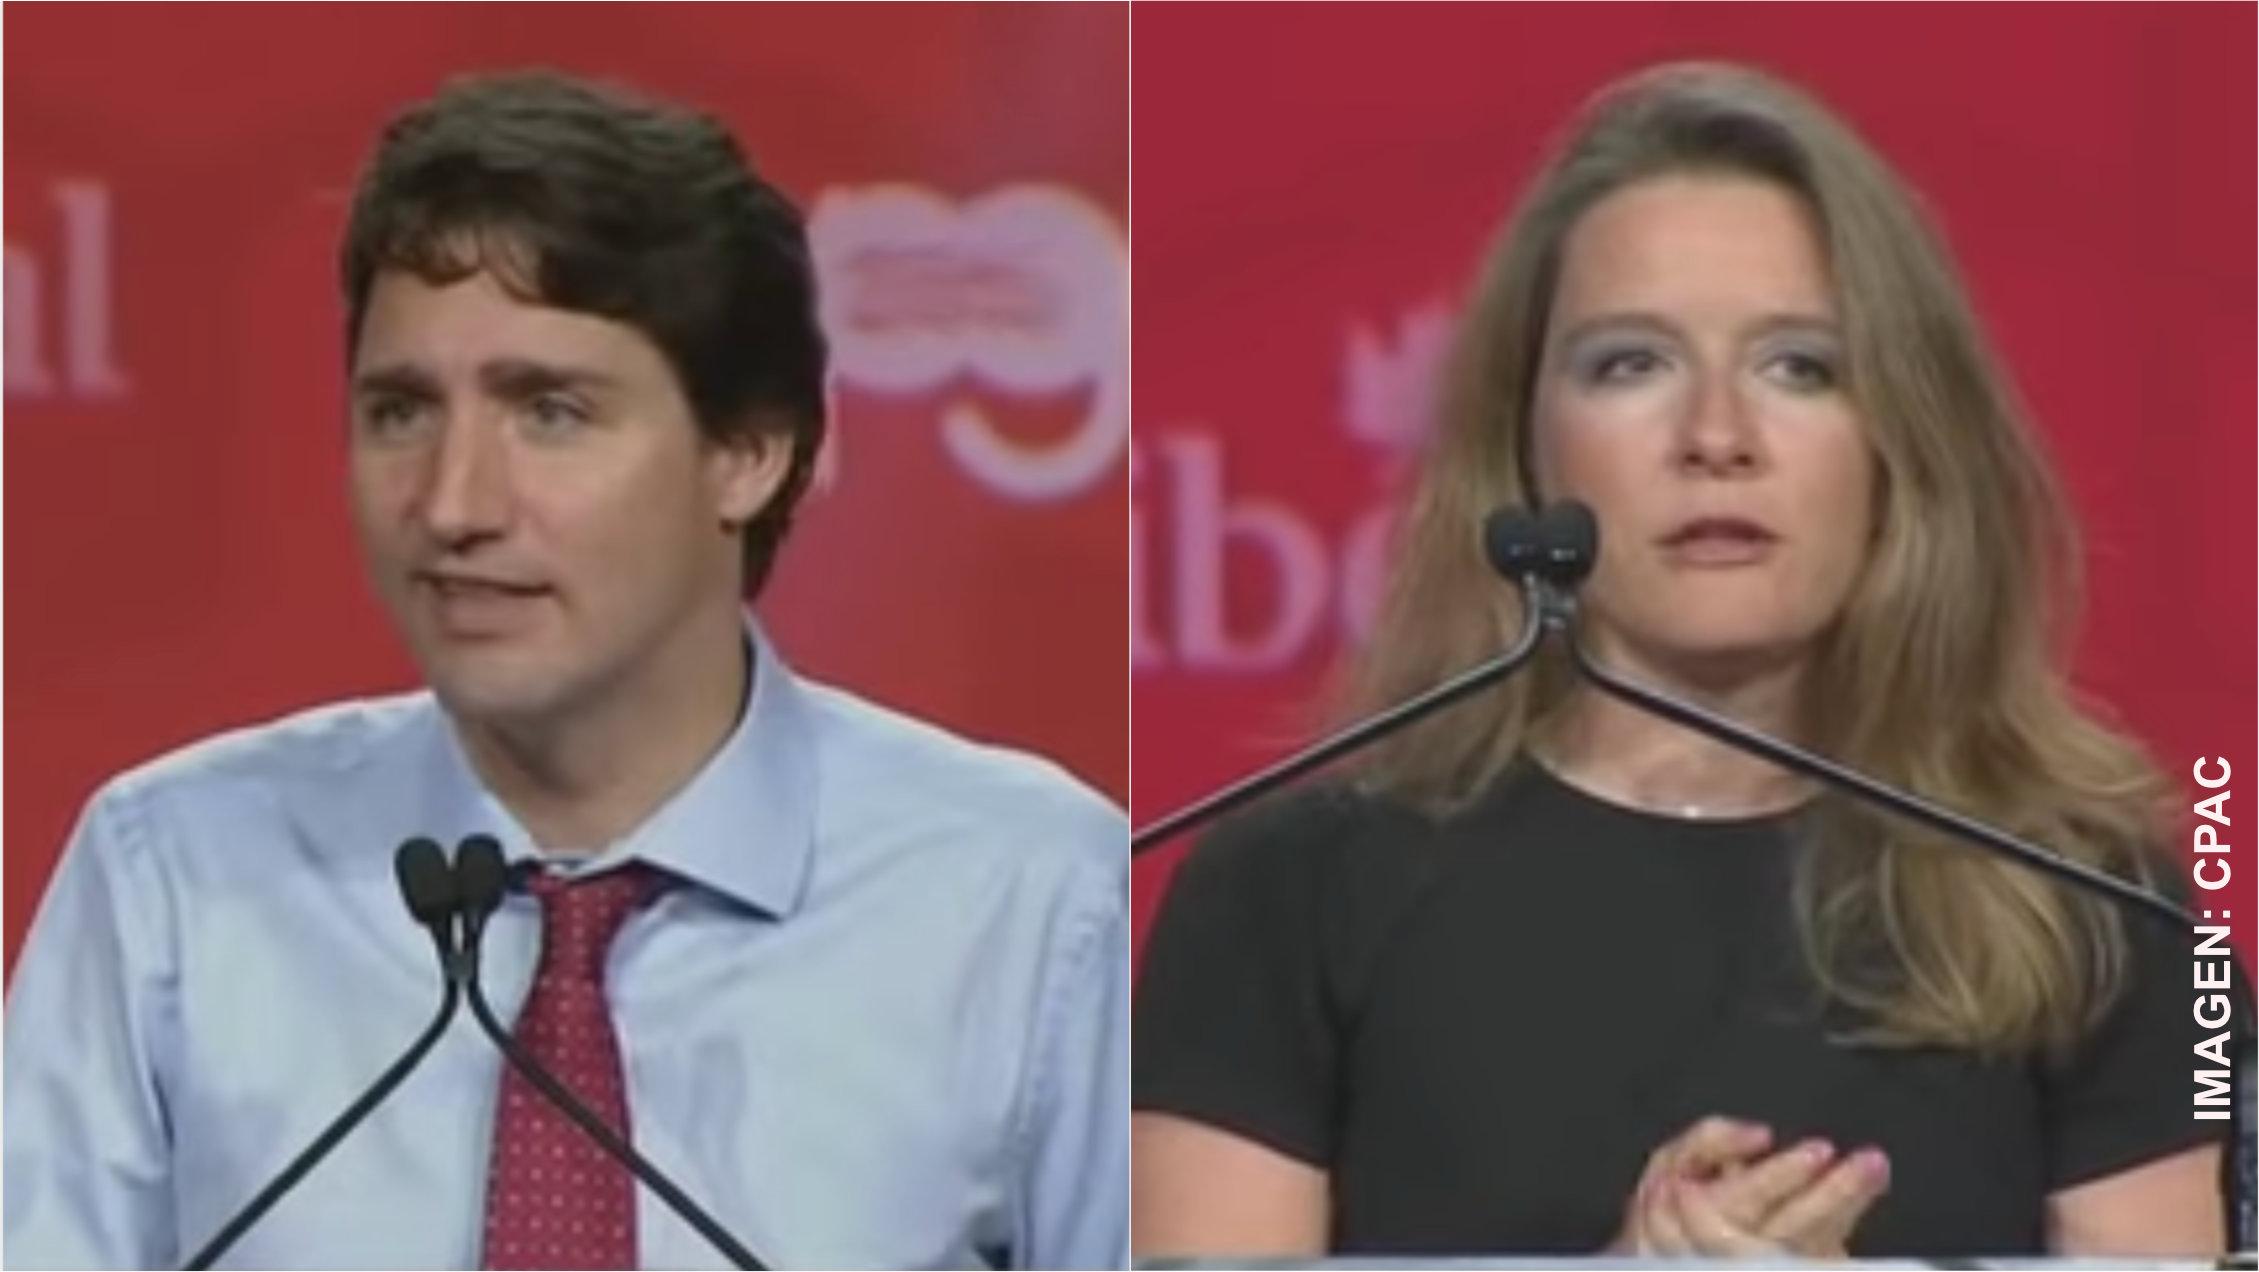 Trudeau comparecerá el jueves por el caso UNIS